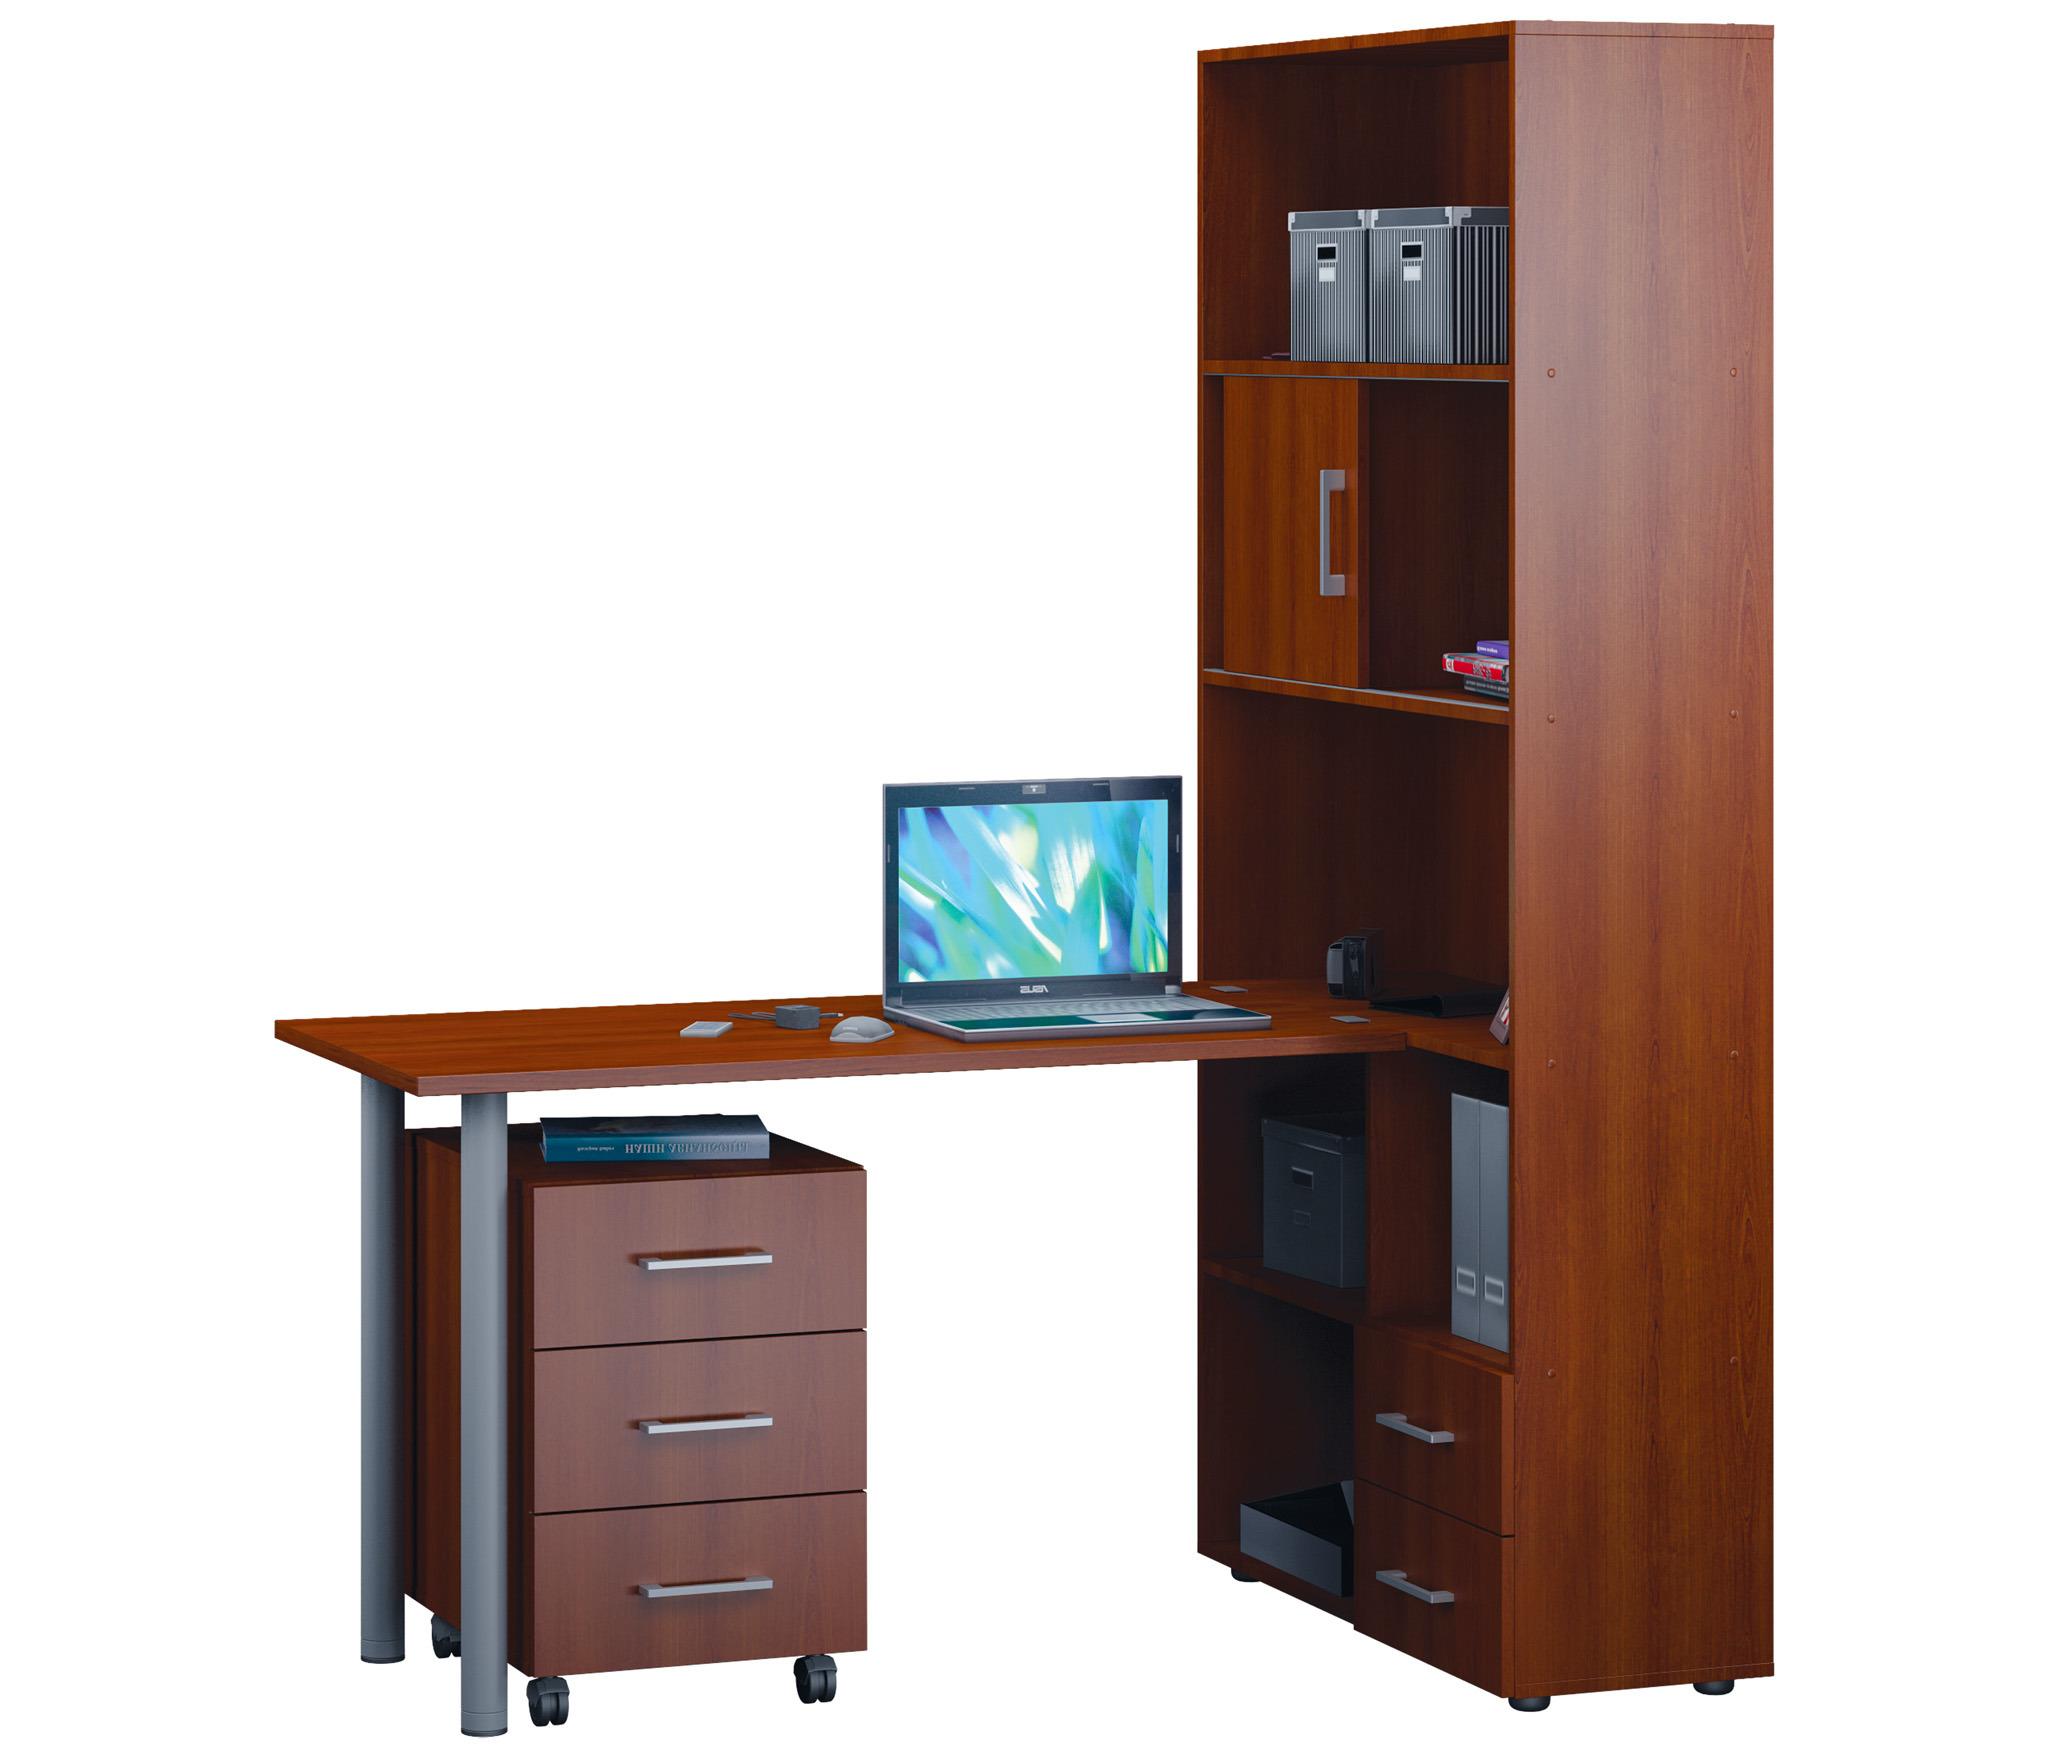 Техно компьютерный стол 1249*900 Орех с тумбой с колесамиКомпьютерные<br>Компьютерный стол в цвете  Орех Мария Луиза . Отличный вариант оформления кабинета.<br><br>Длина мм: 1249<br>Высота мм: 1919<br>Глубина мм: 900